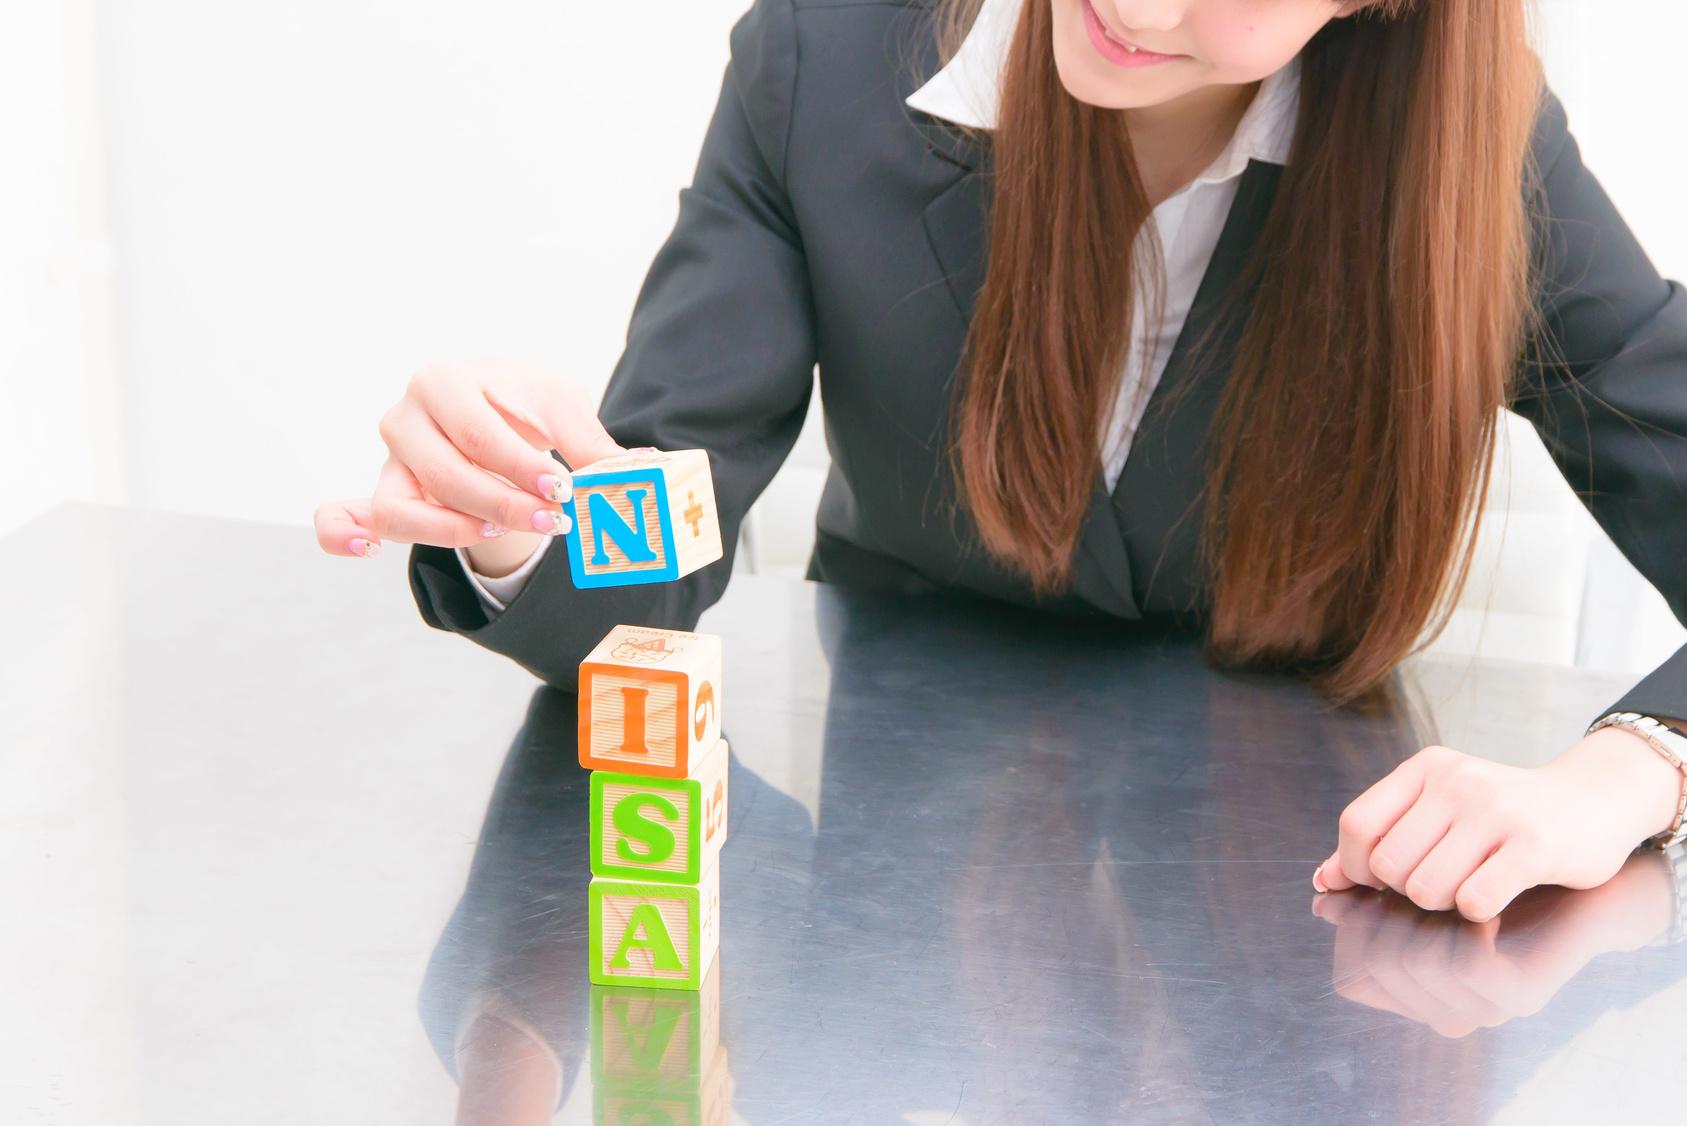 投資初心者におすすめ・NISA(ニーサ)の概要とその活用方法を徹底解説します。